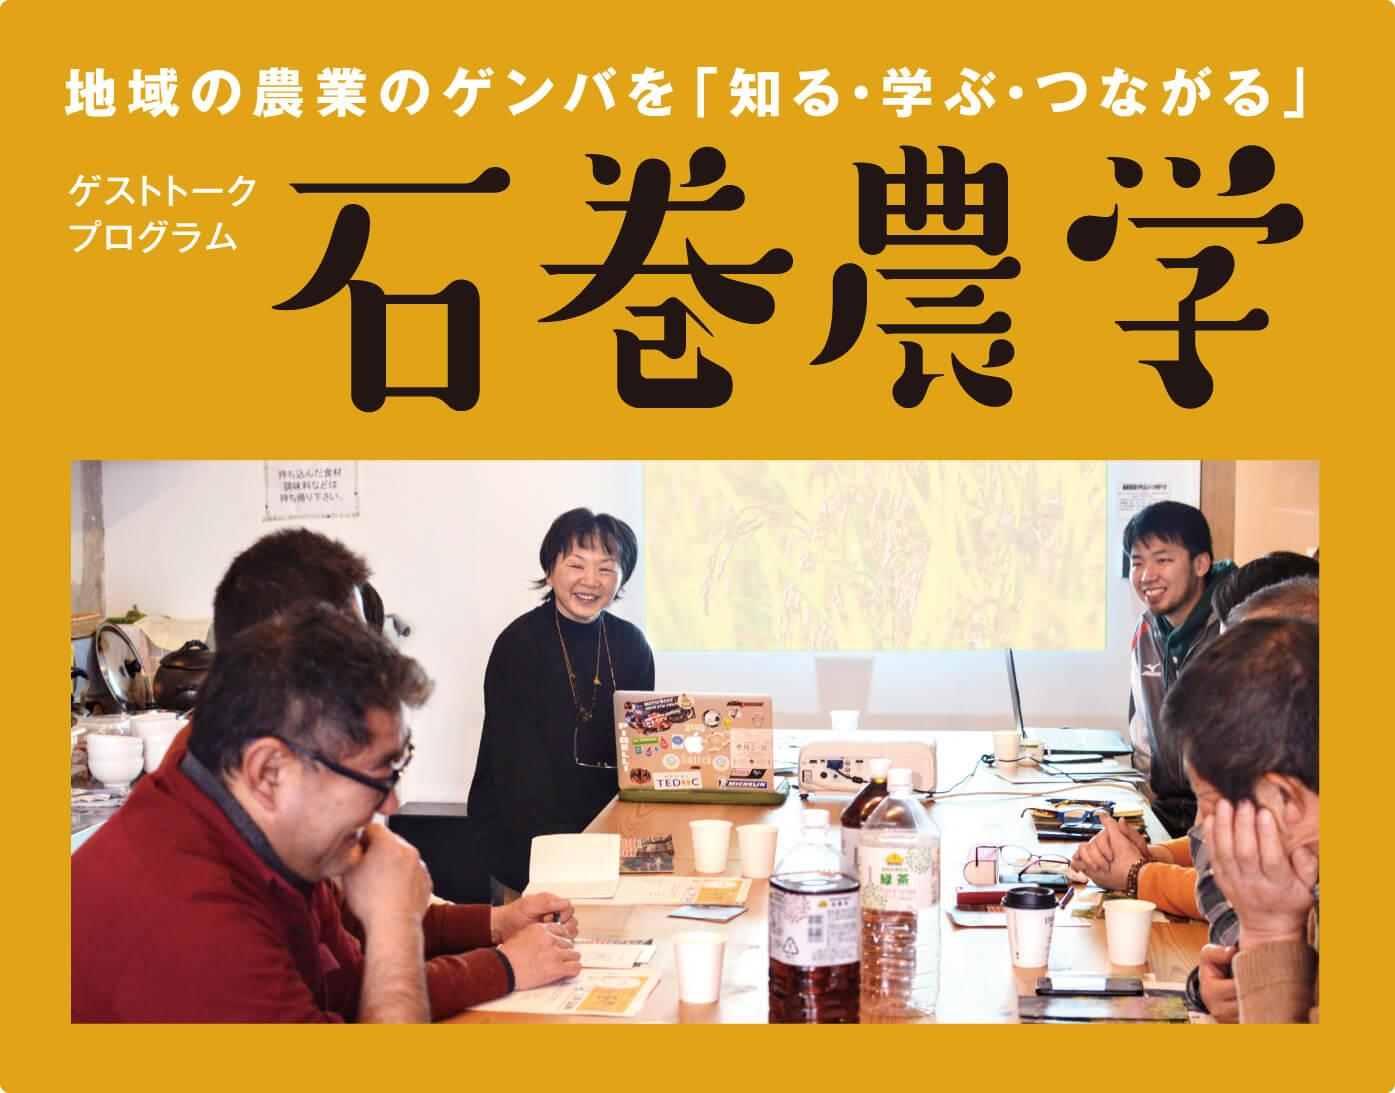 ゲストトークプログラム「石巻百姓塾」